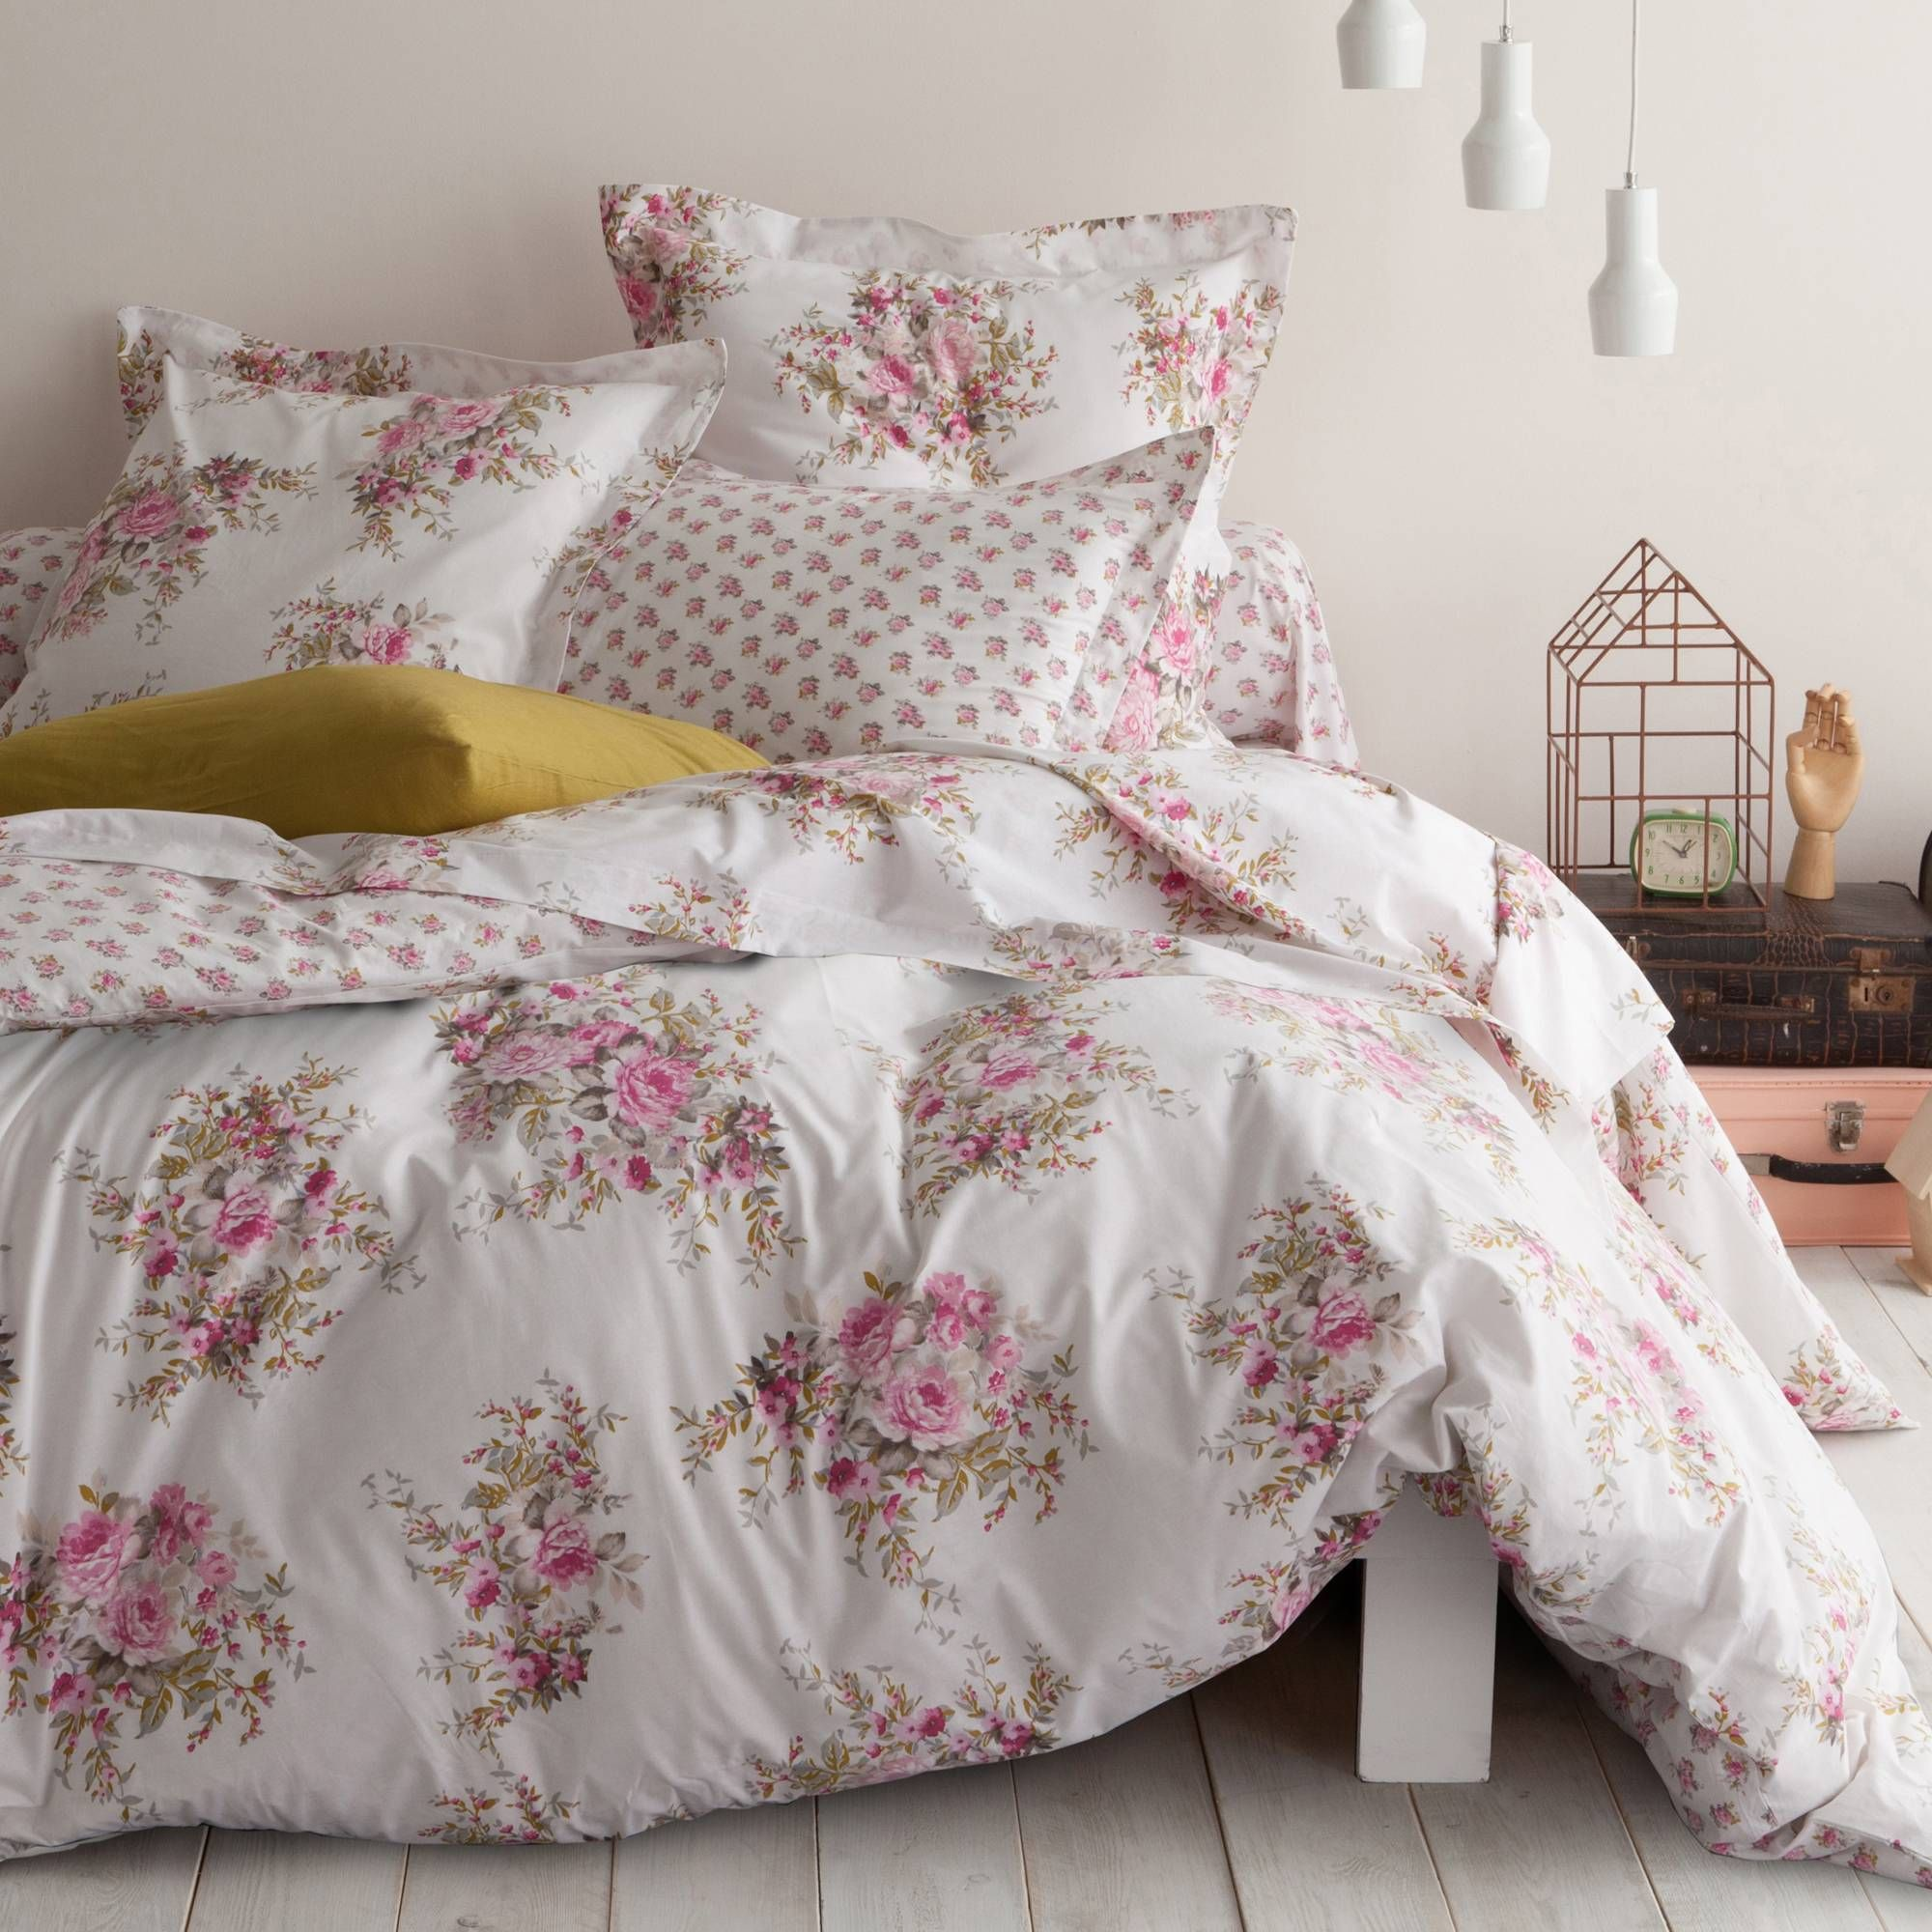 housse de couette coton imprim charming garden charming garden un magnifique imprim. Black Bedroom Furniture Sets. Home Design Ideas